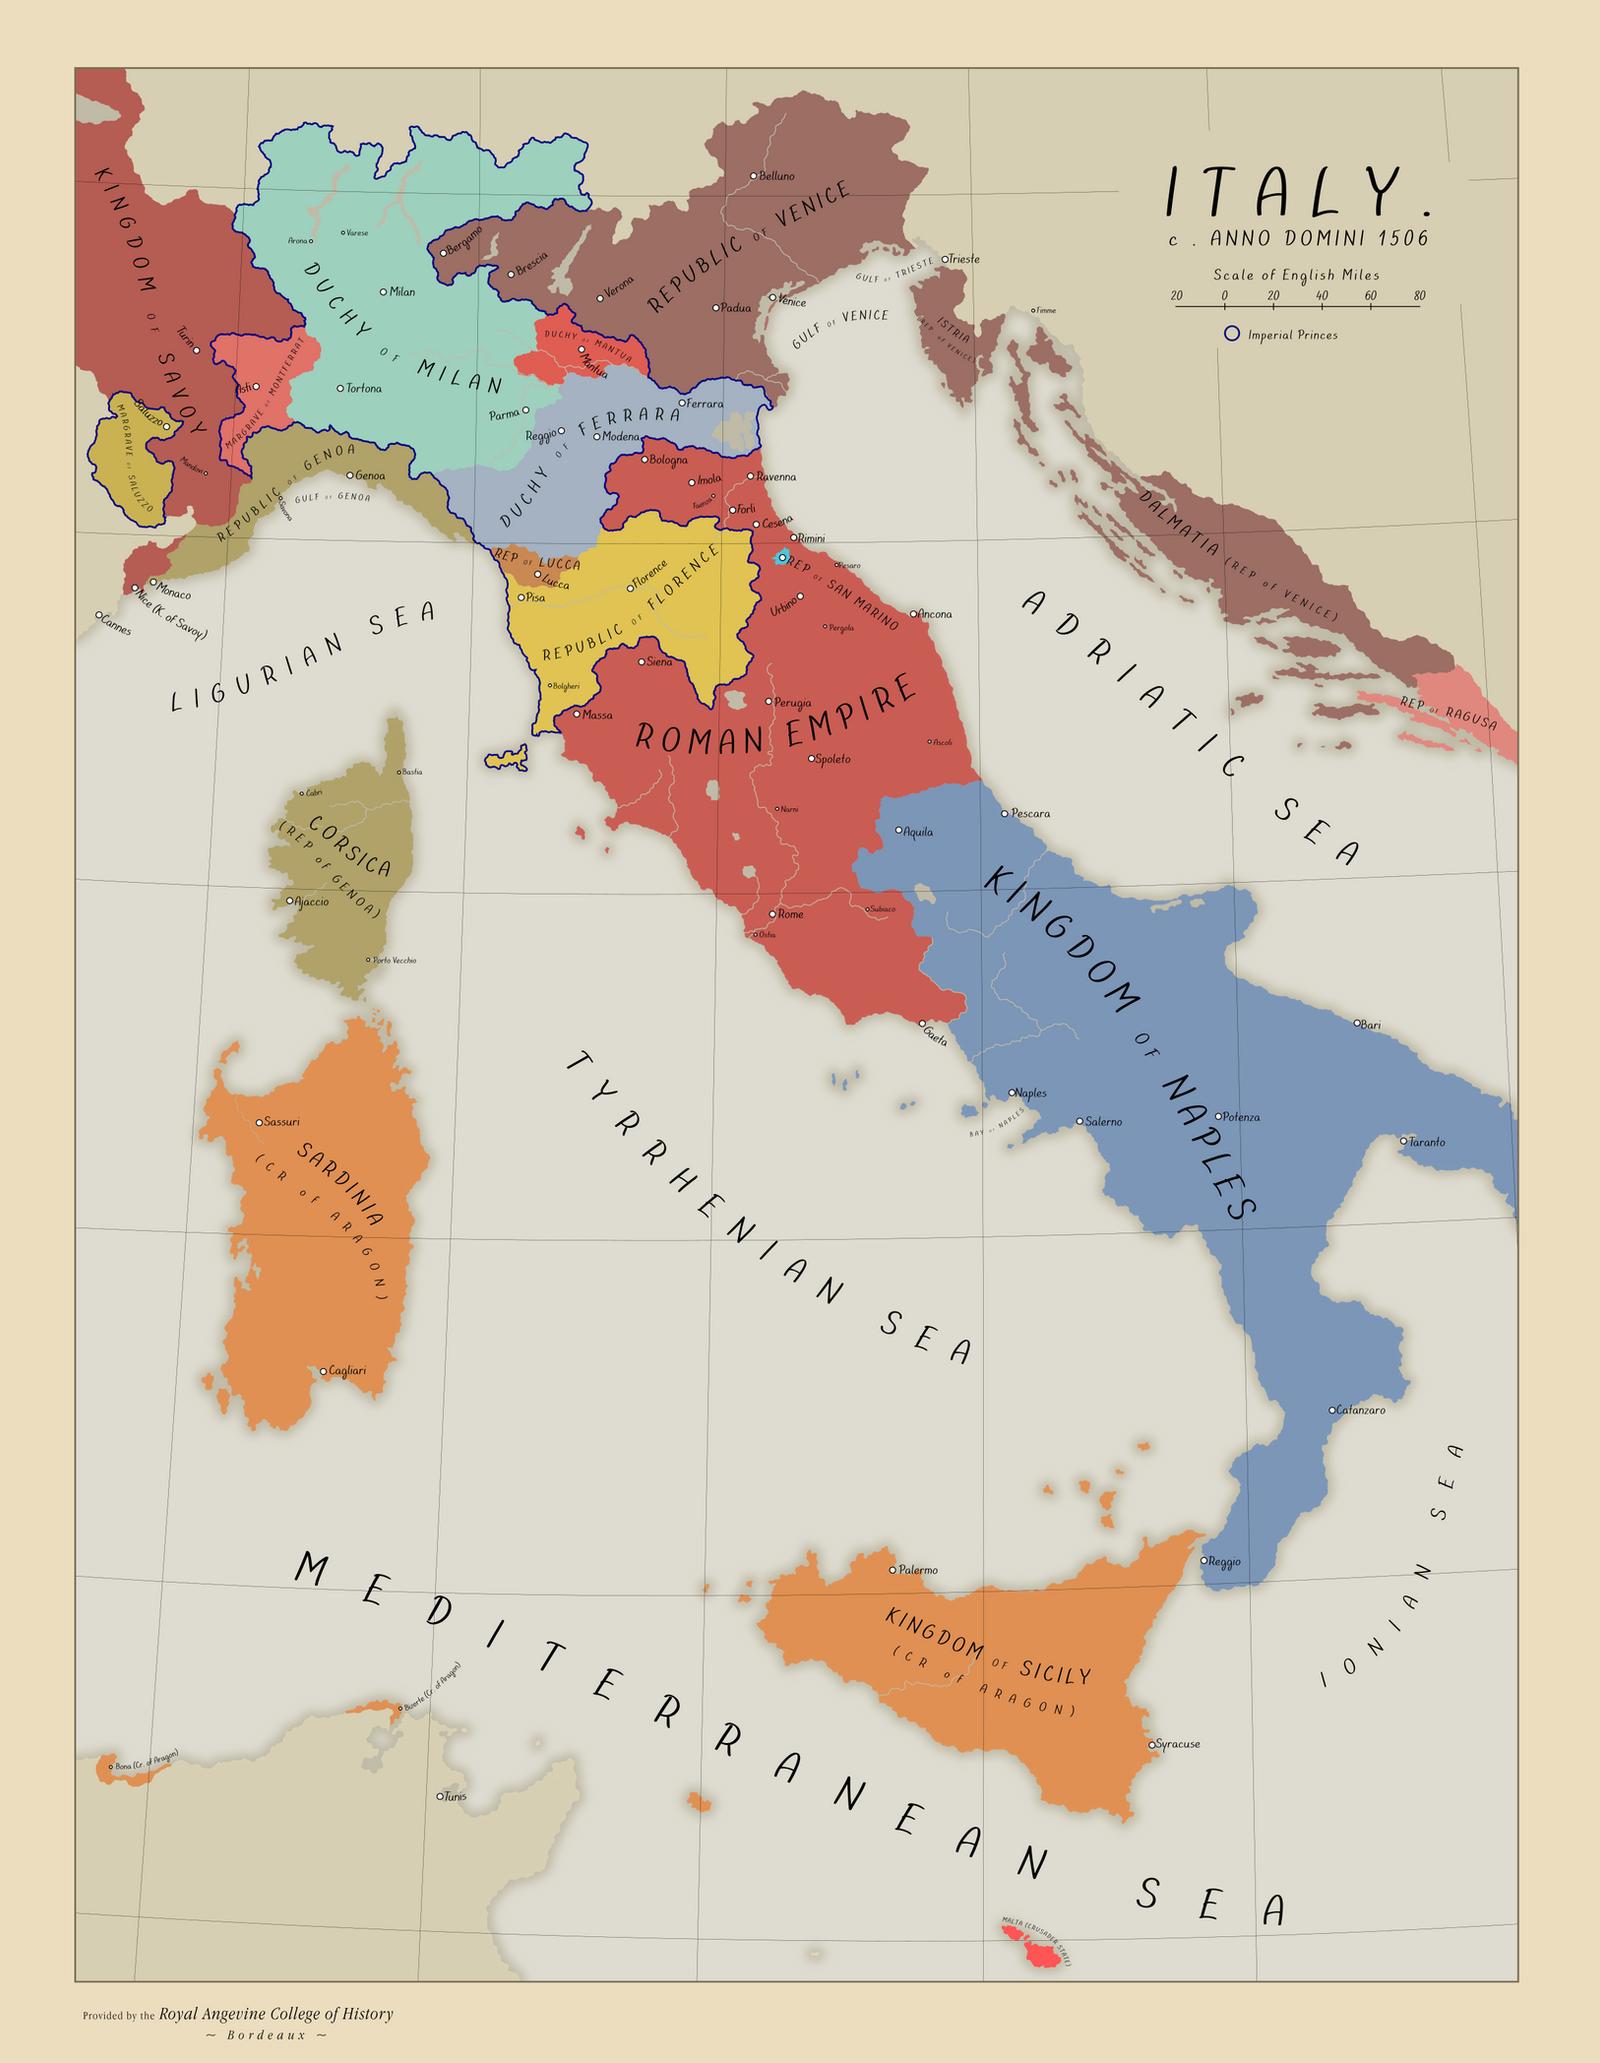 AH Italy 1506 by Maonsie